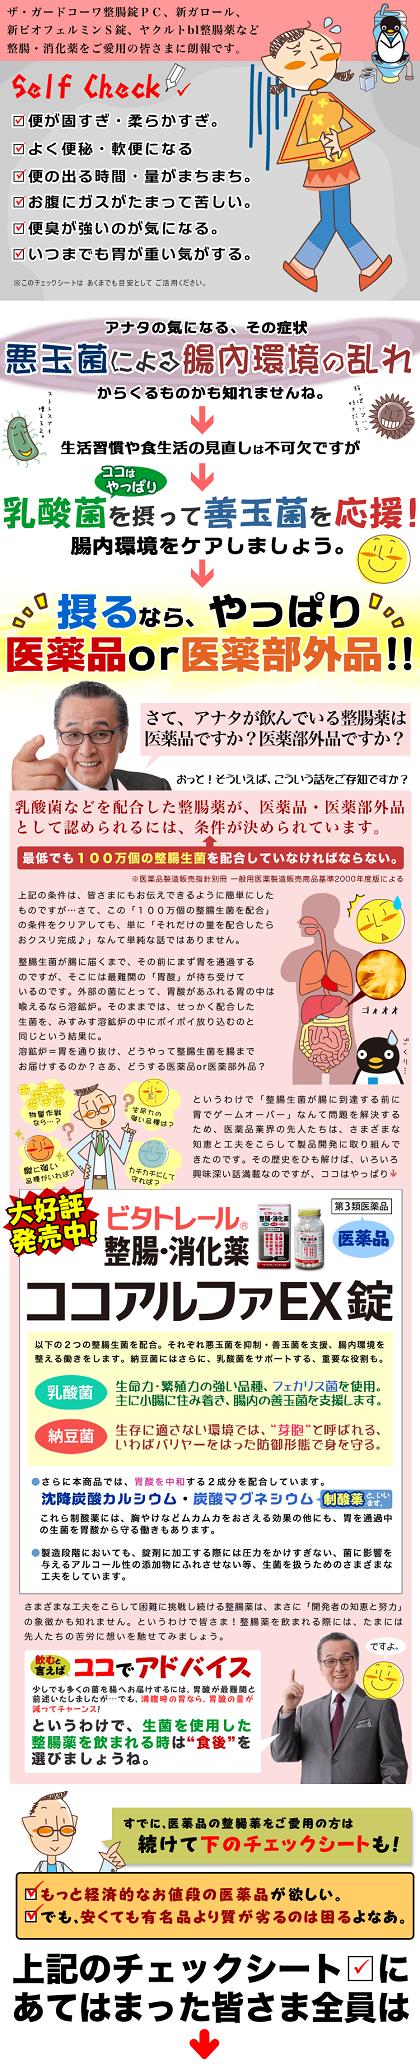 ビタトレール・ココアルファEX錠の説明画像②